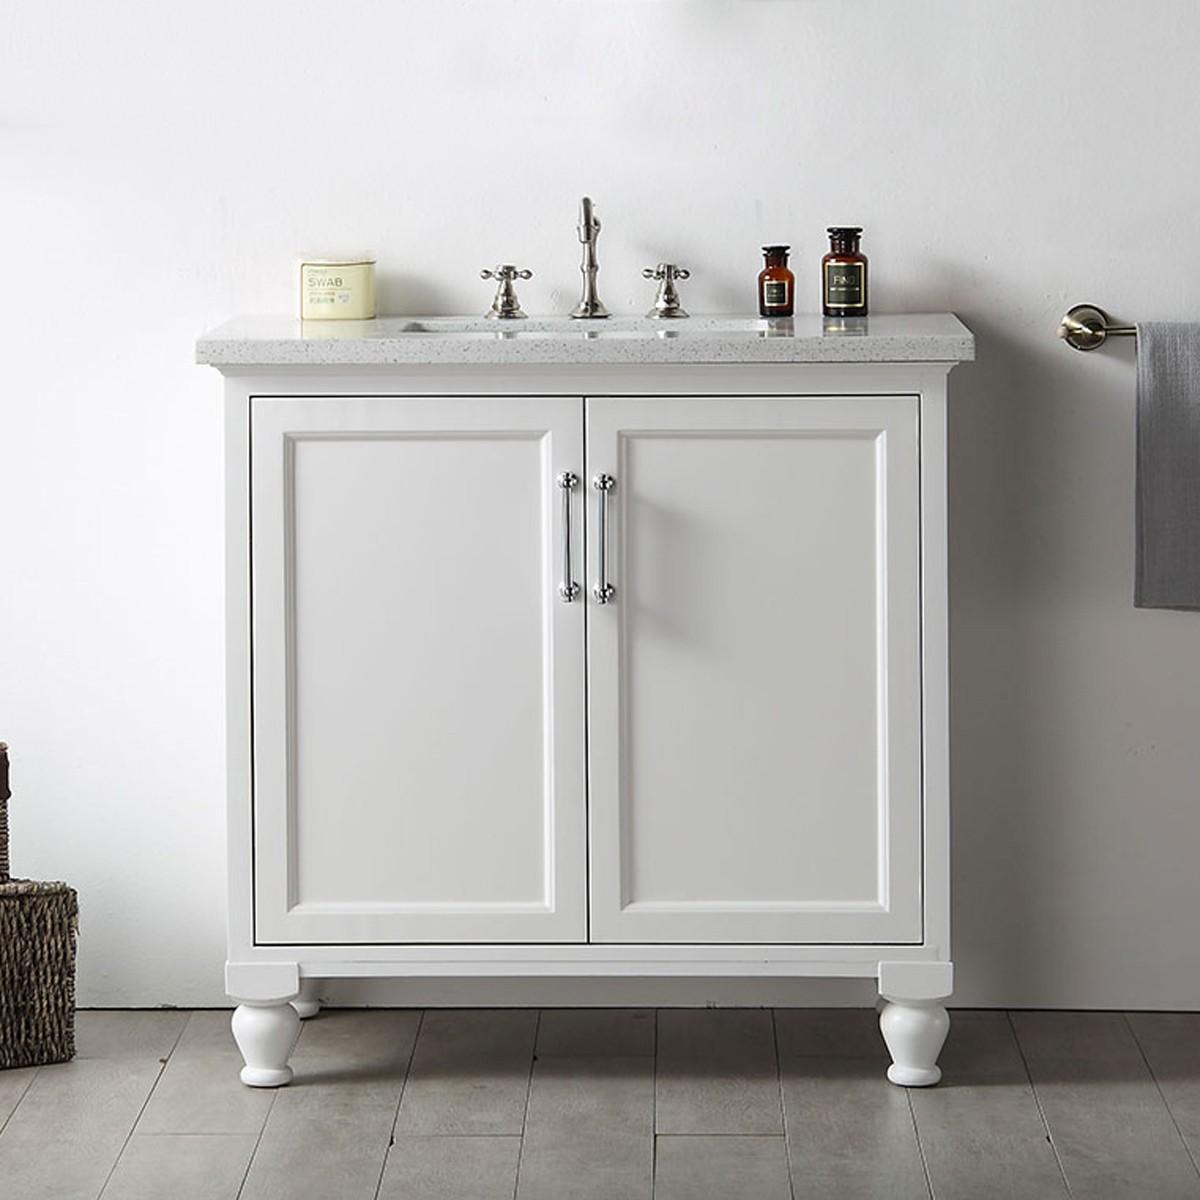 36 po meuble salle de bain sur pieds lavabo simple dk 6536 w decoraport canada. Black Bedroom Furniture Sets. Home Design Ideas